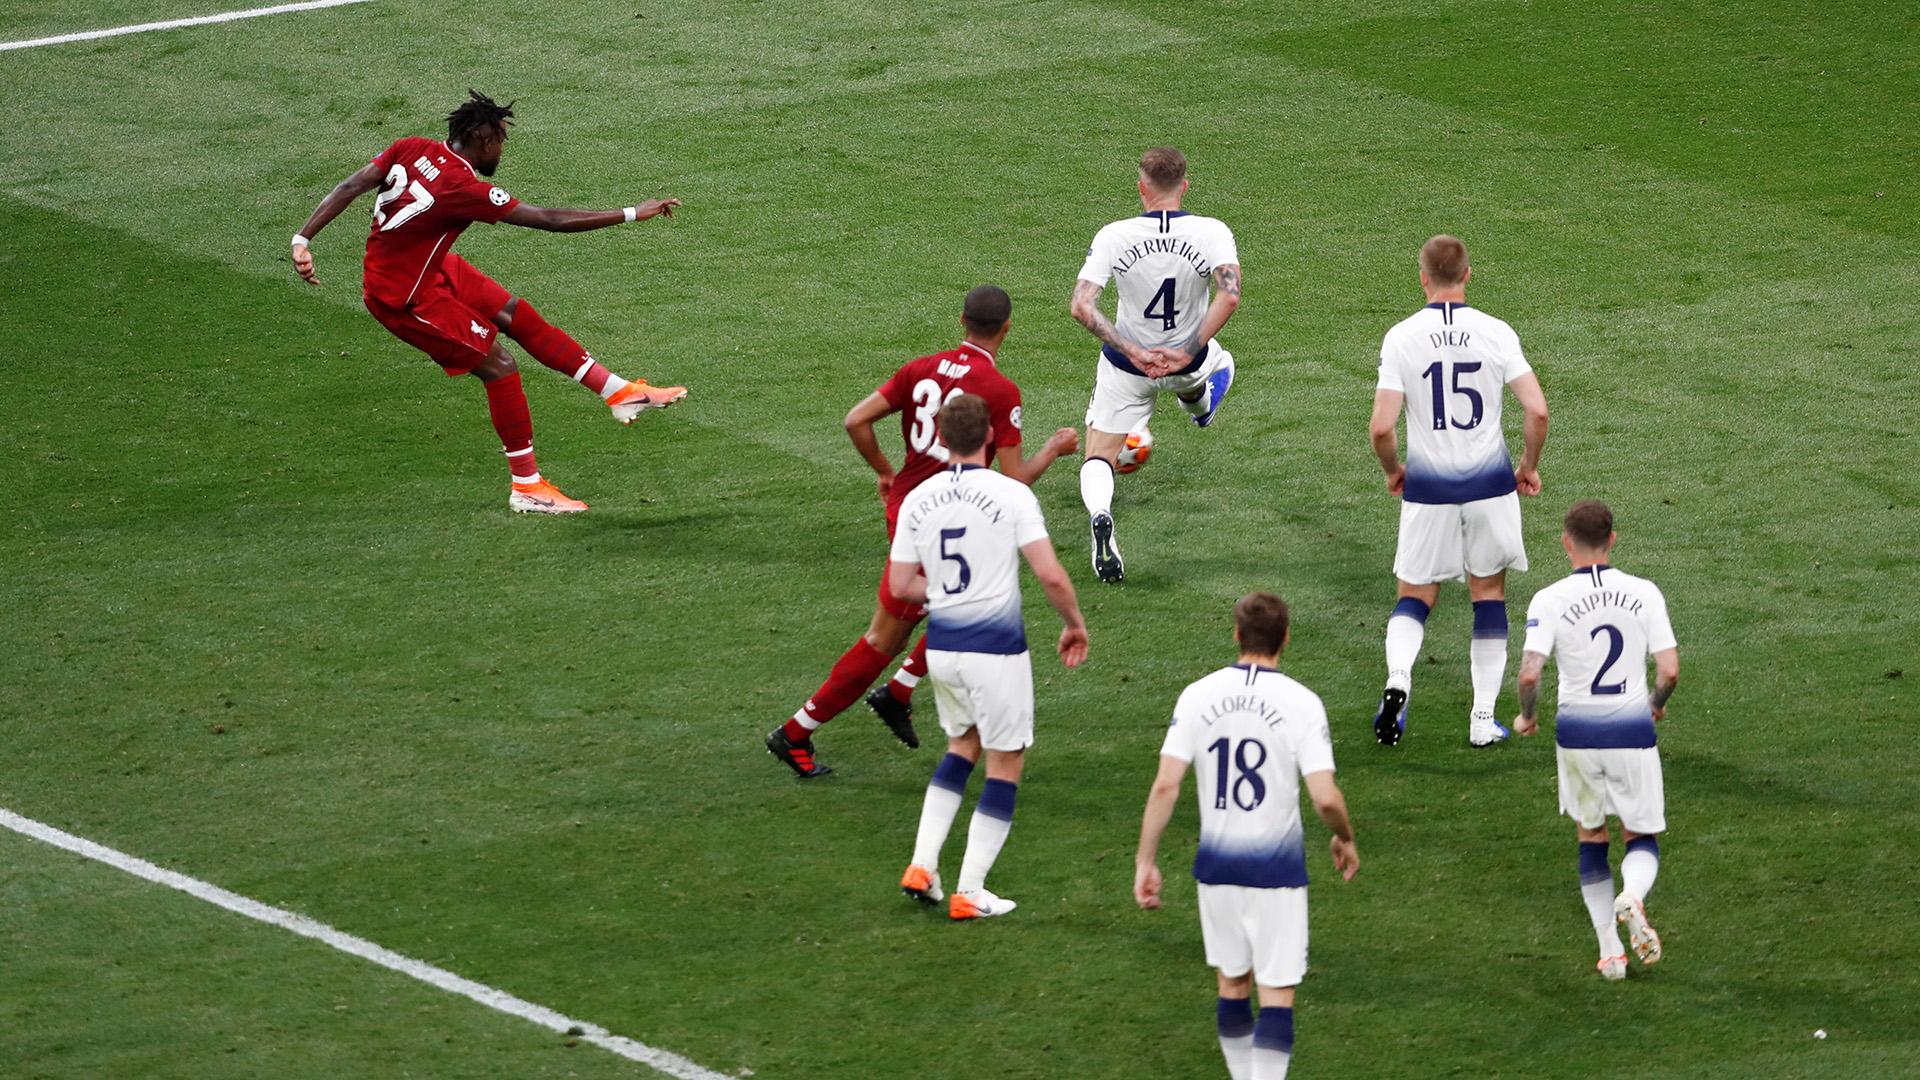 El remate cruzado de Divock Origi que se convirtió en el 2-0 (REUTERS)